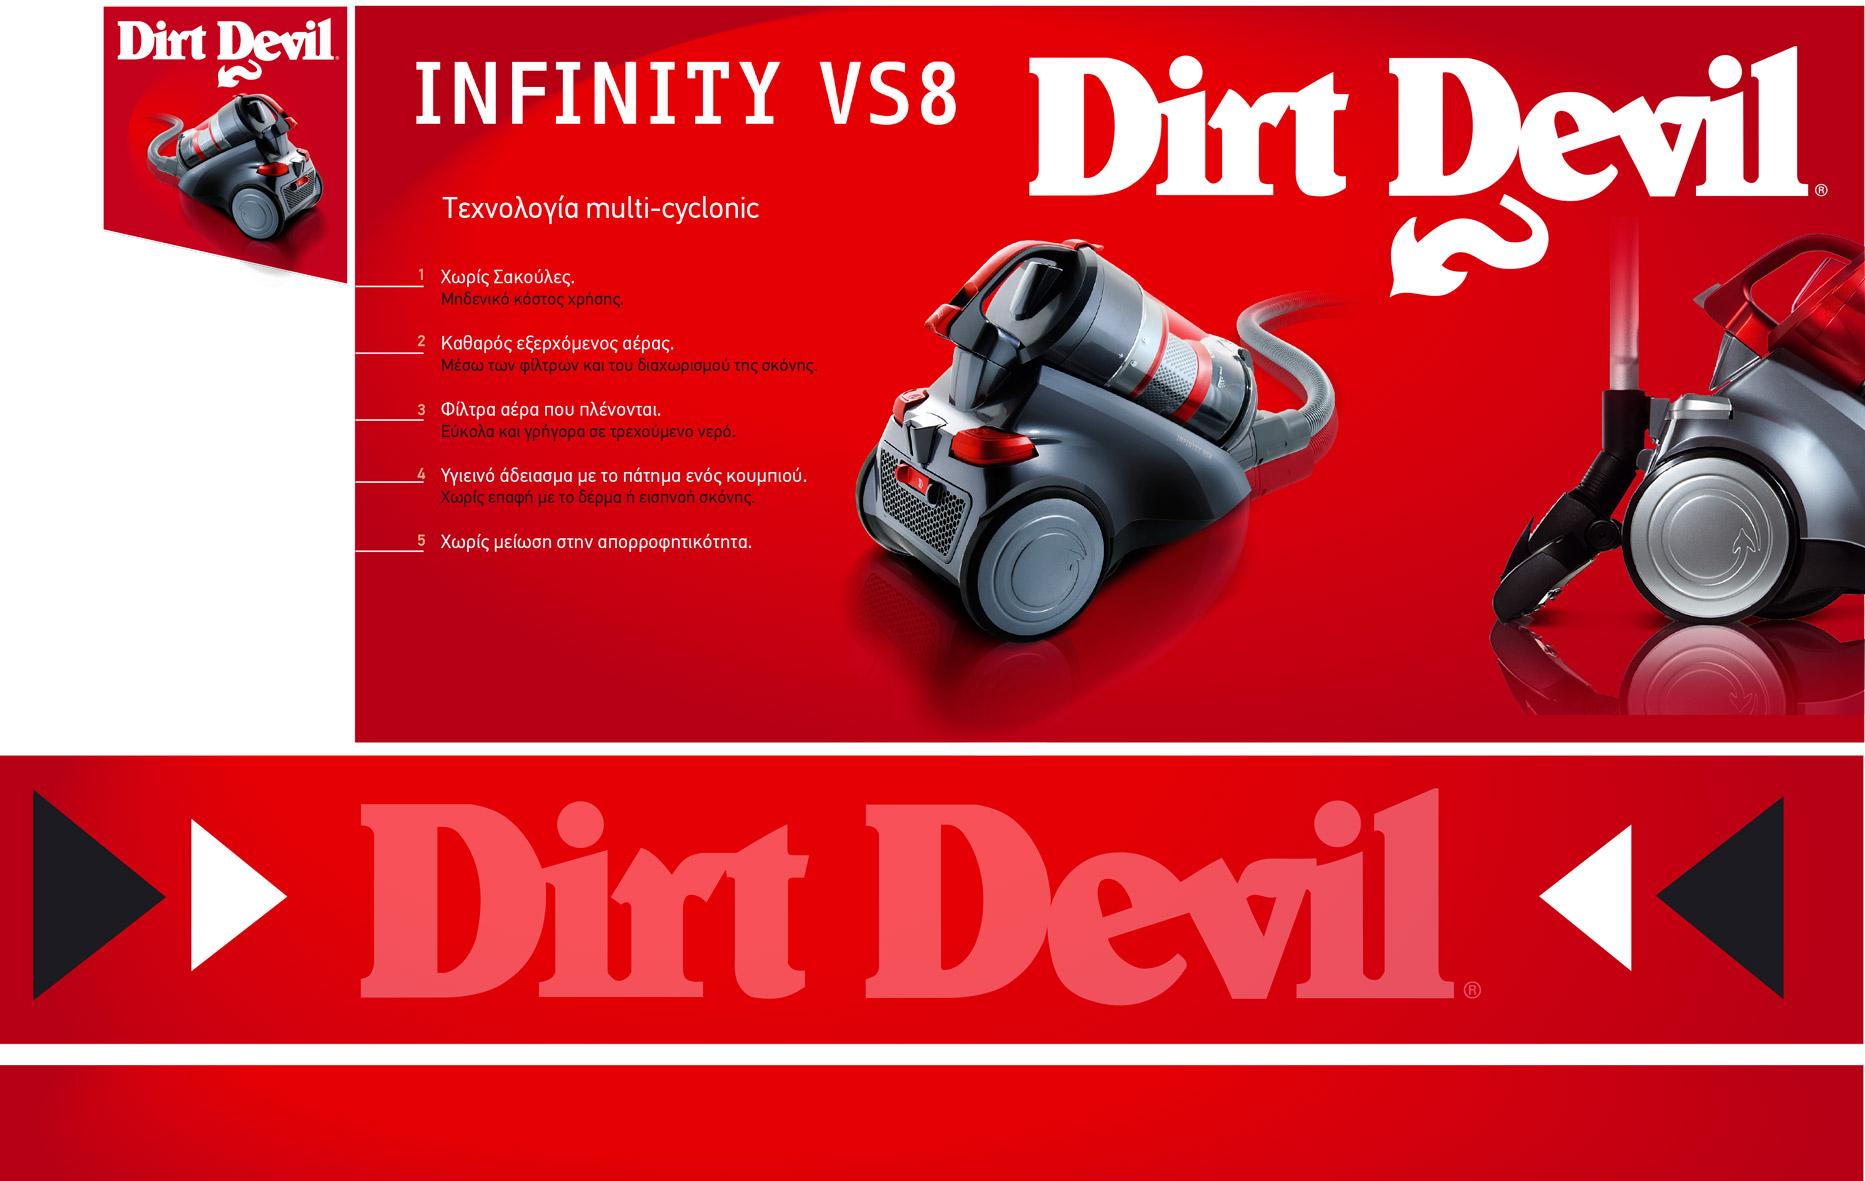 Σχεδιασμός εικαστικού για stand παρουσίασης Dirt Devil marketquest • adeadpixel